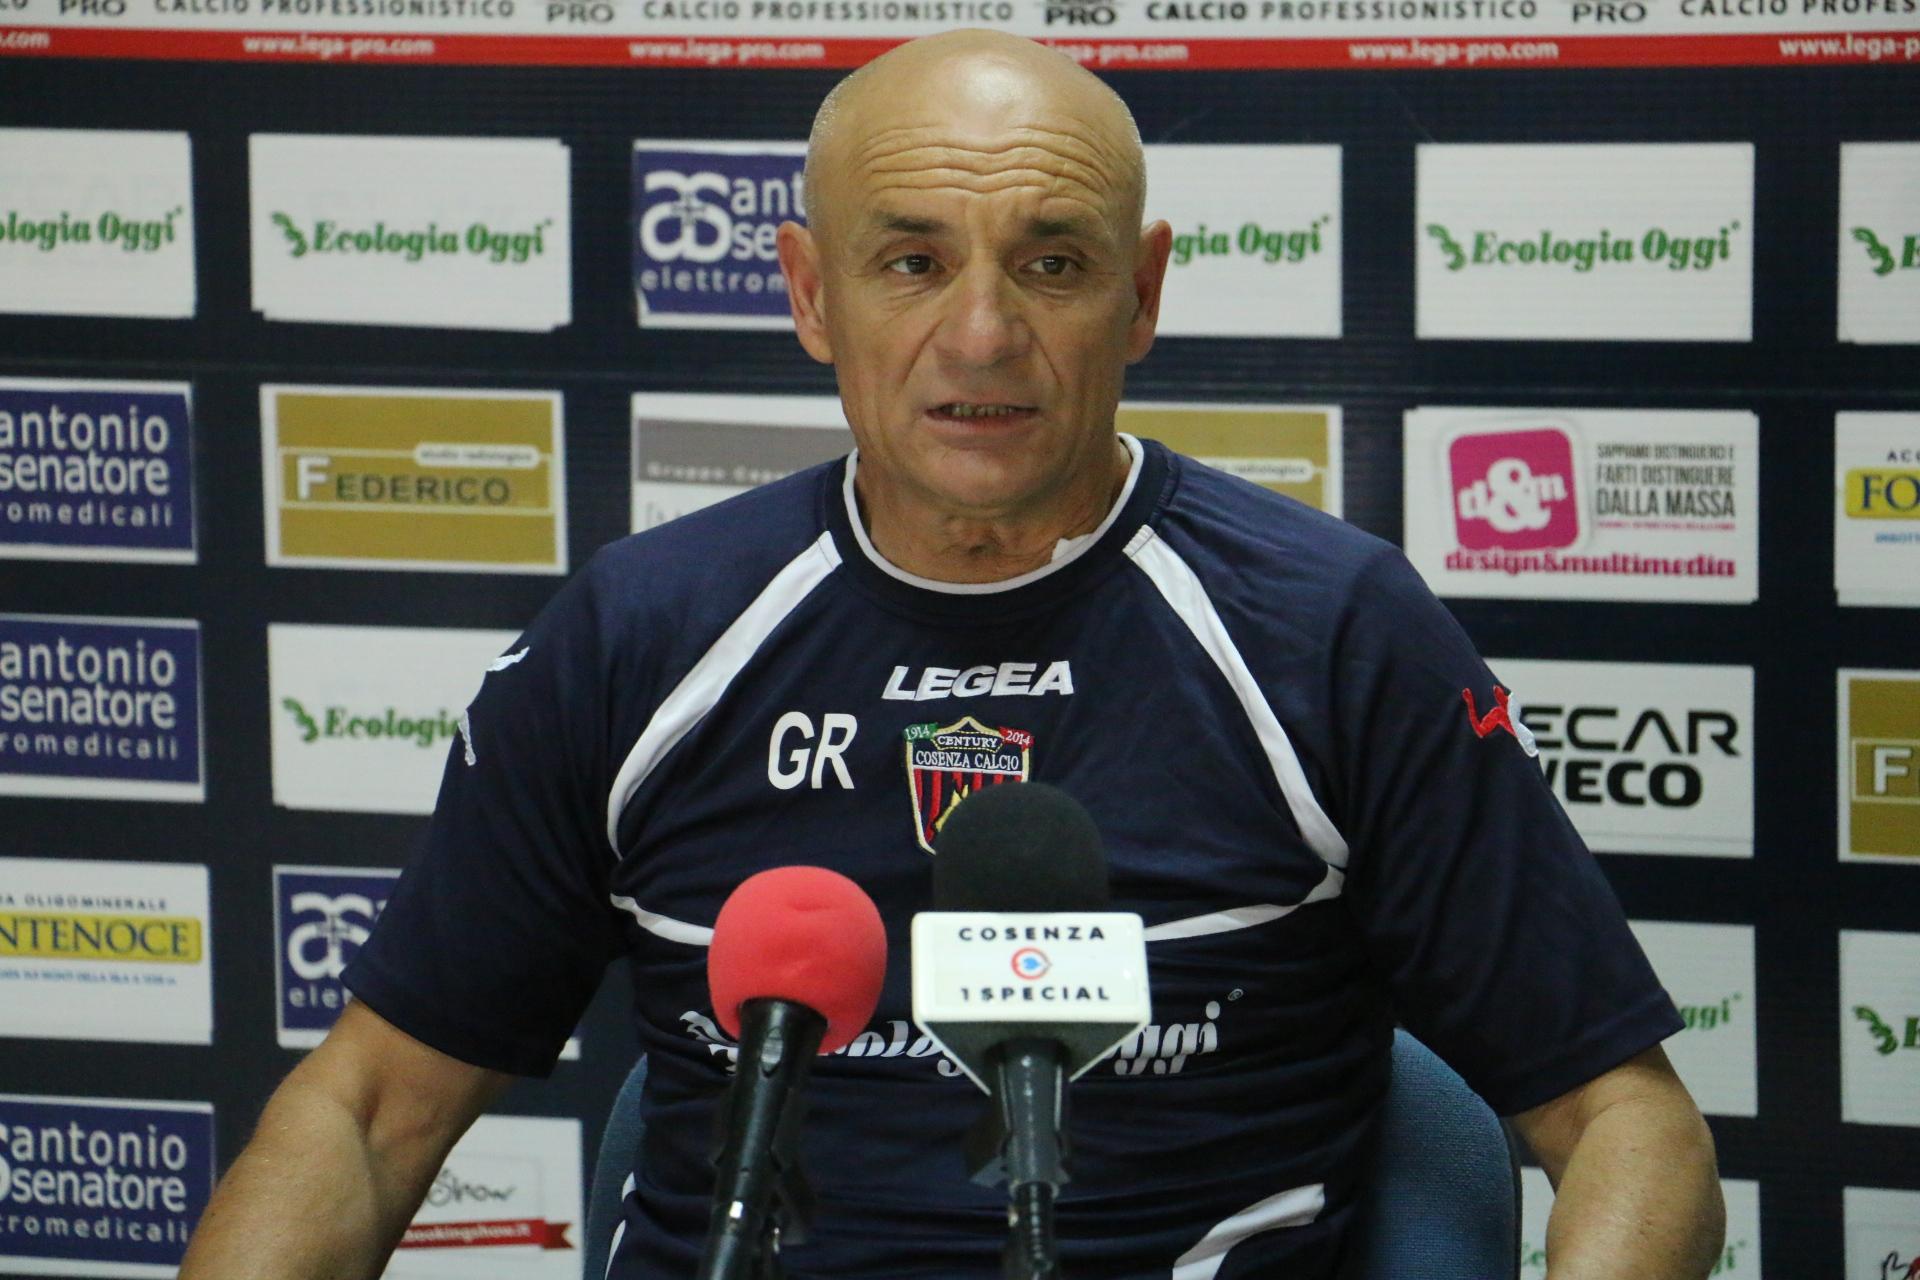 Giorgio Roselli (Ph. Farina)